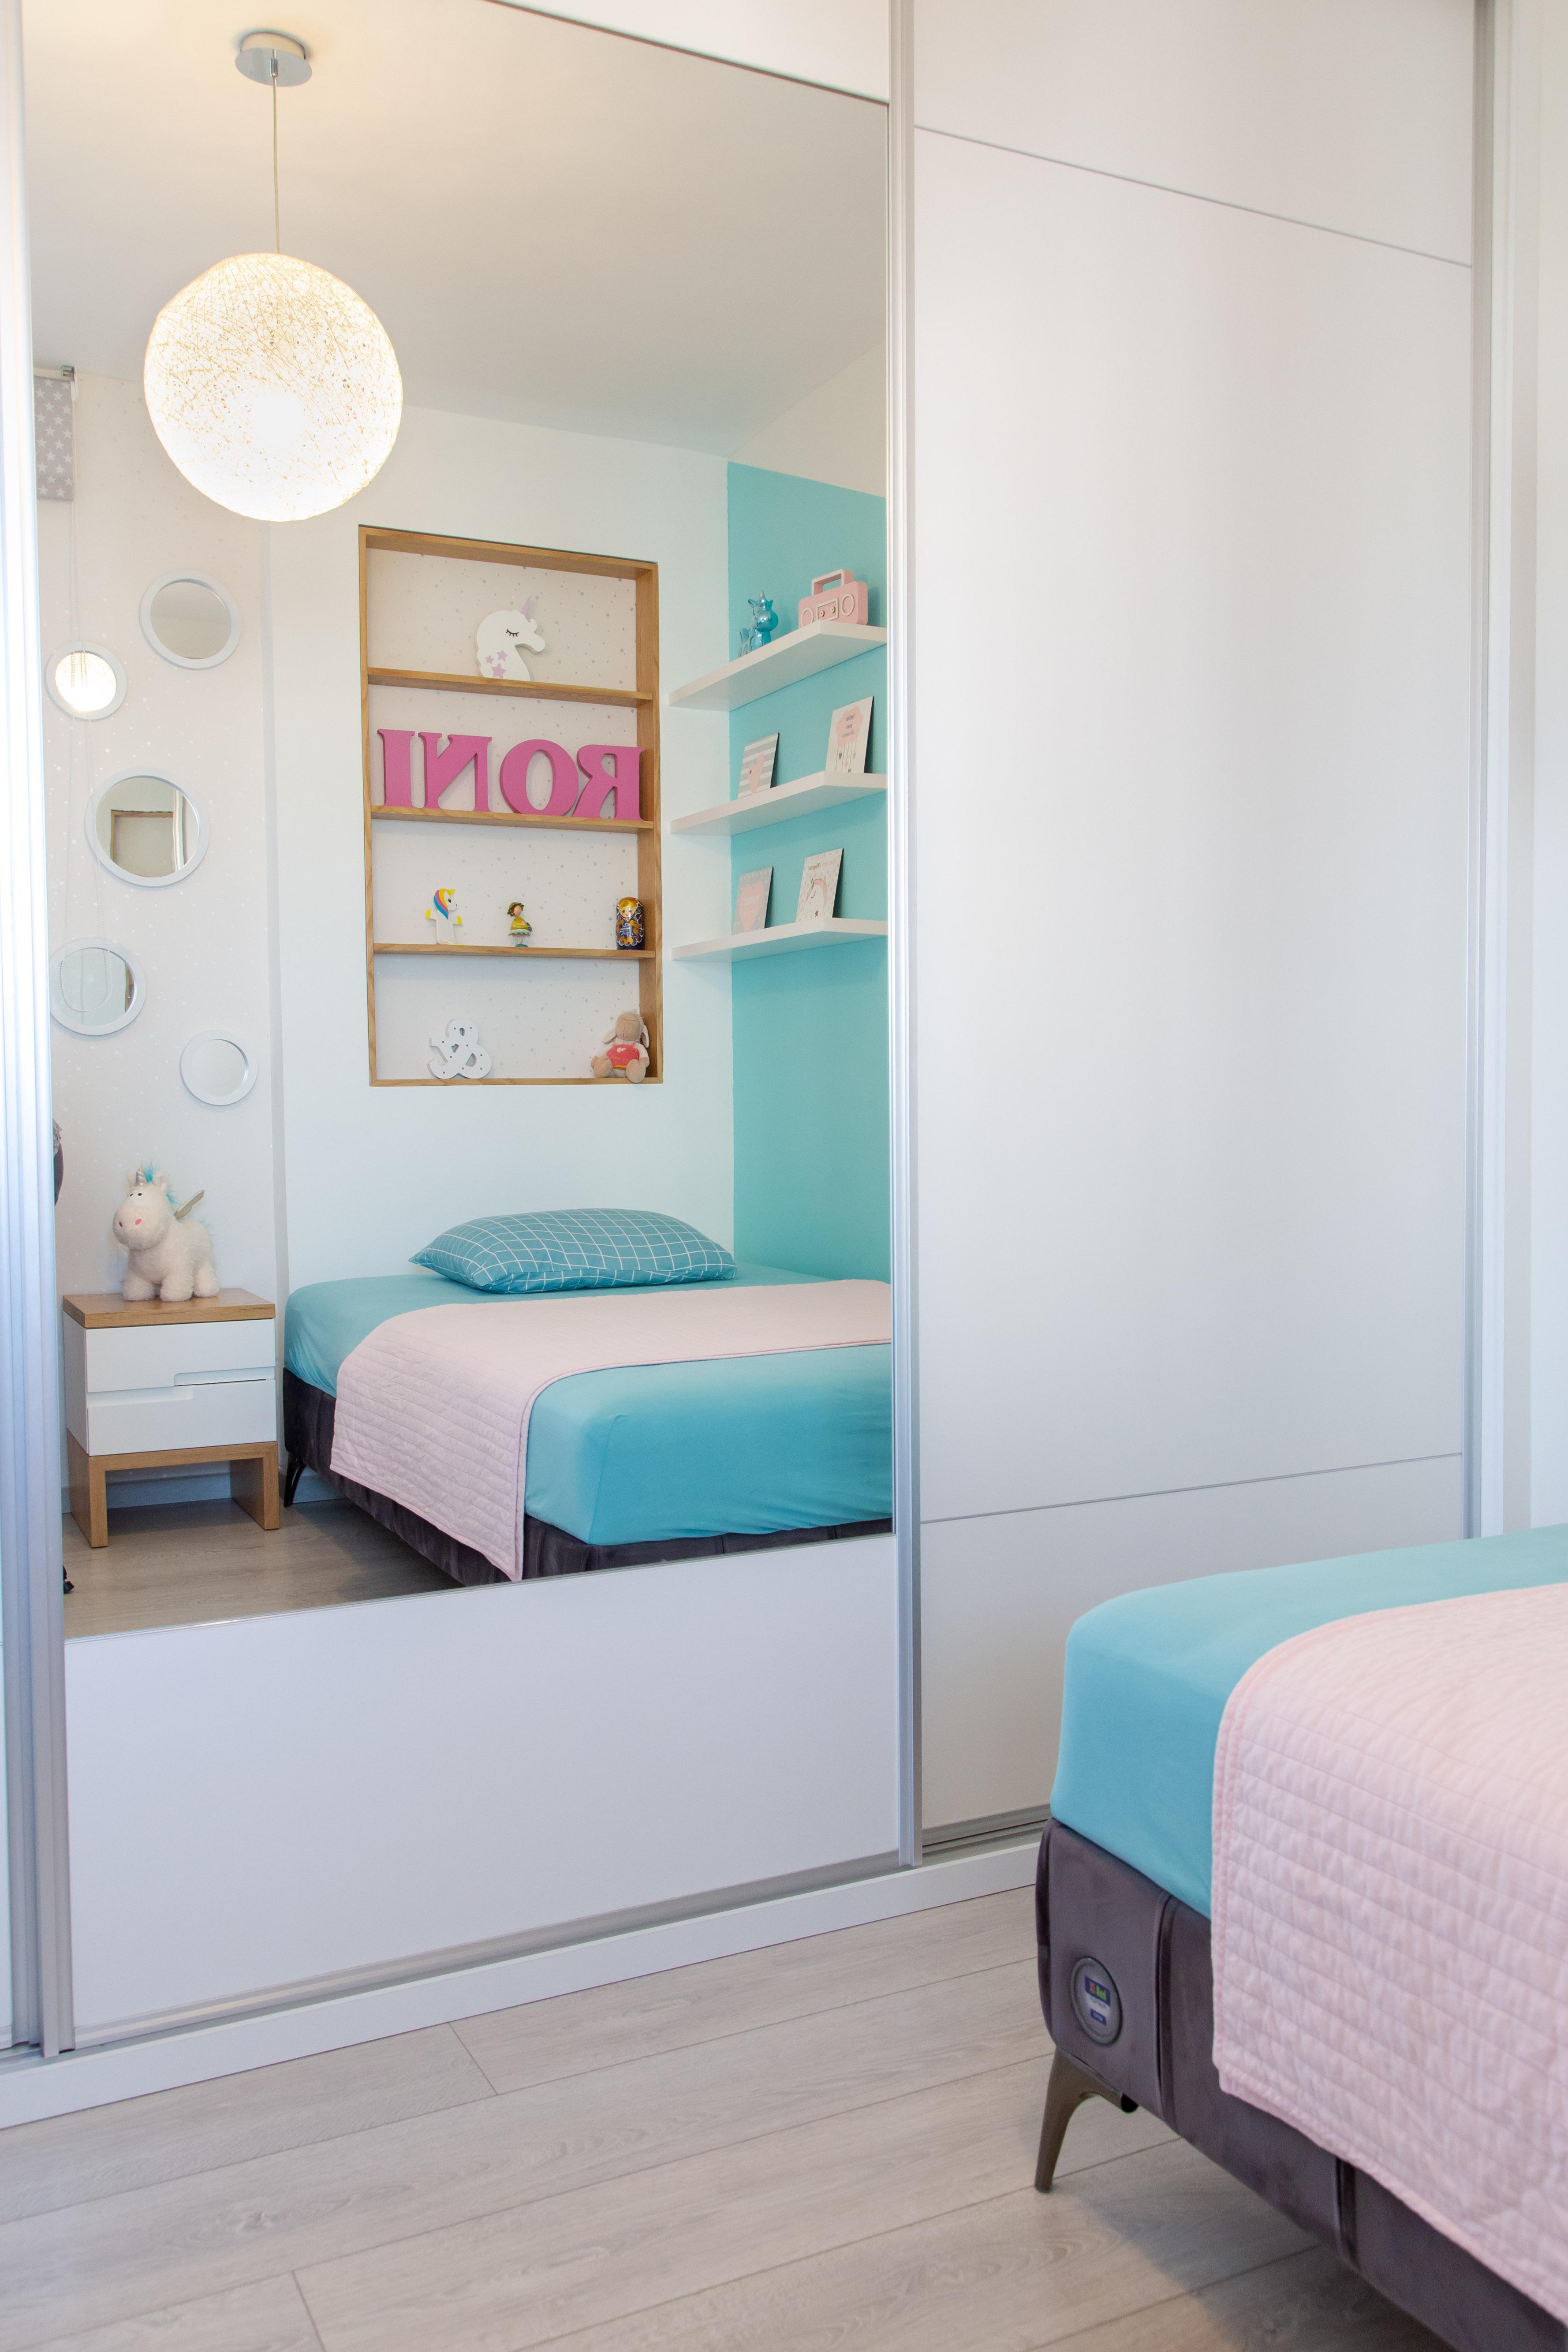 עיצוב החדר של רוני